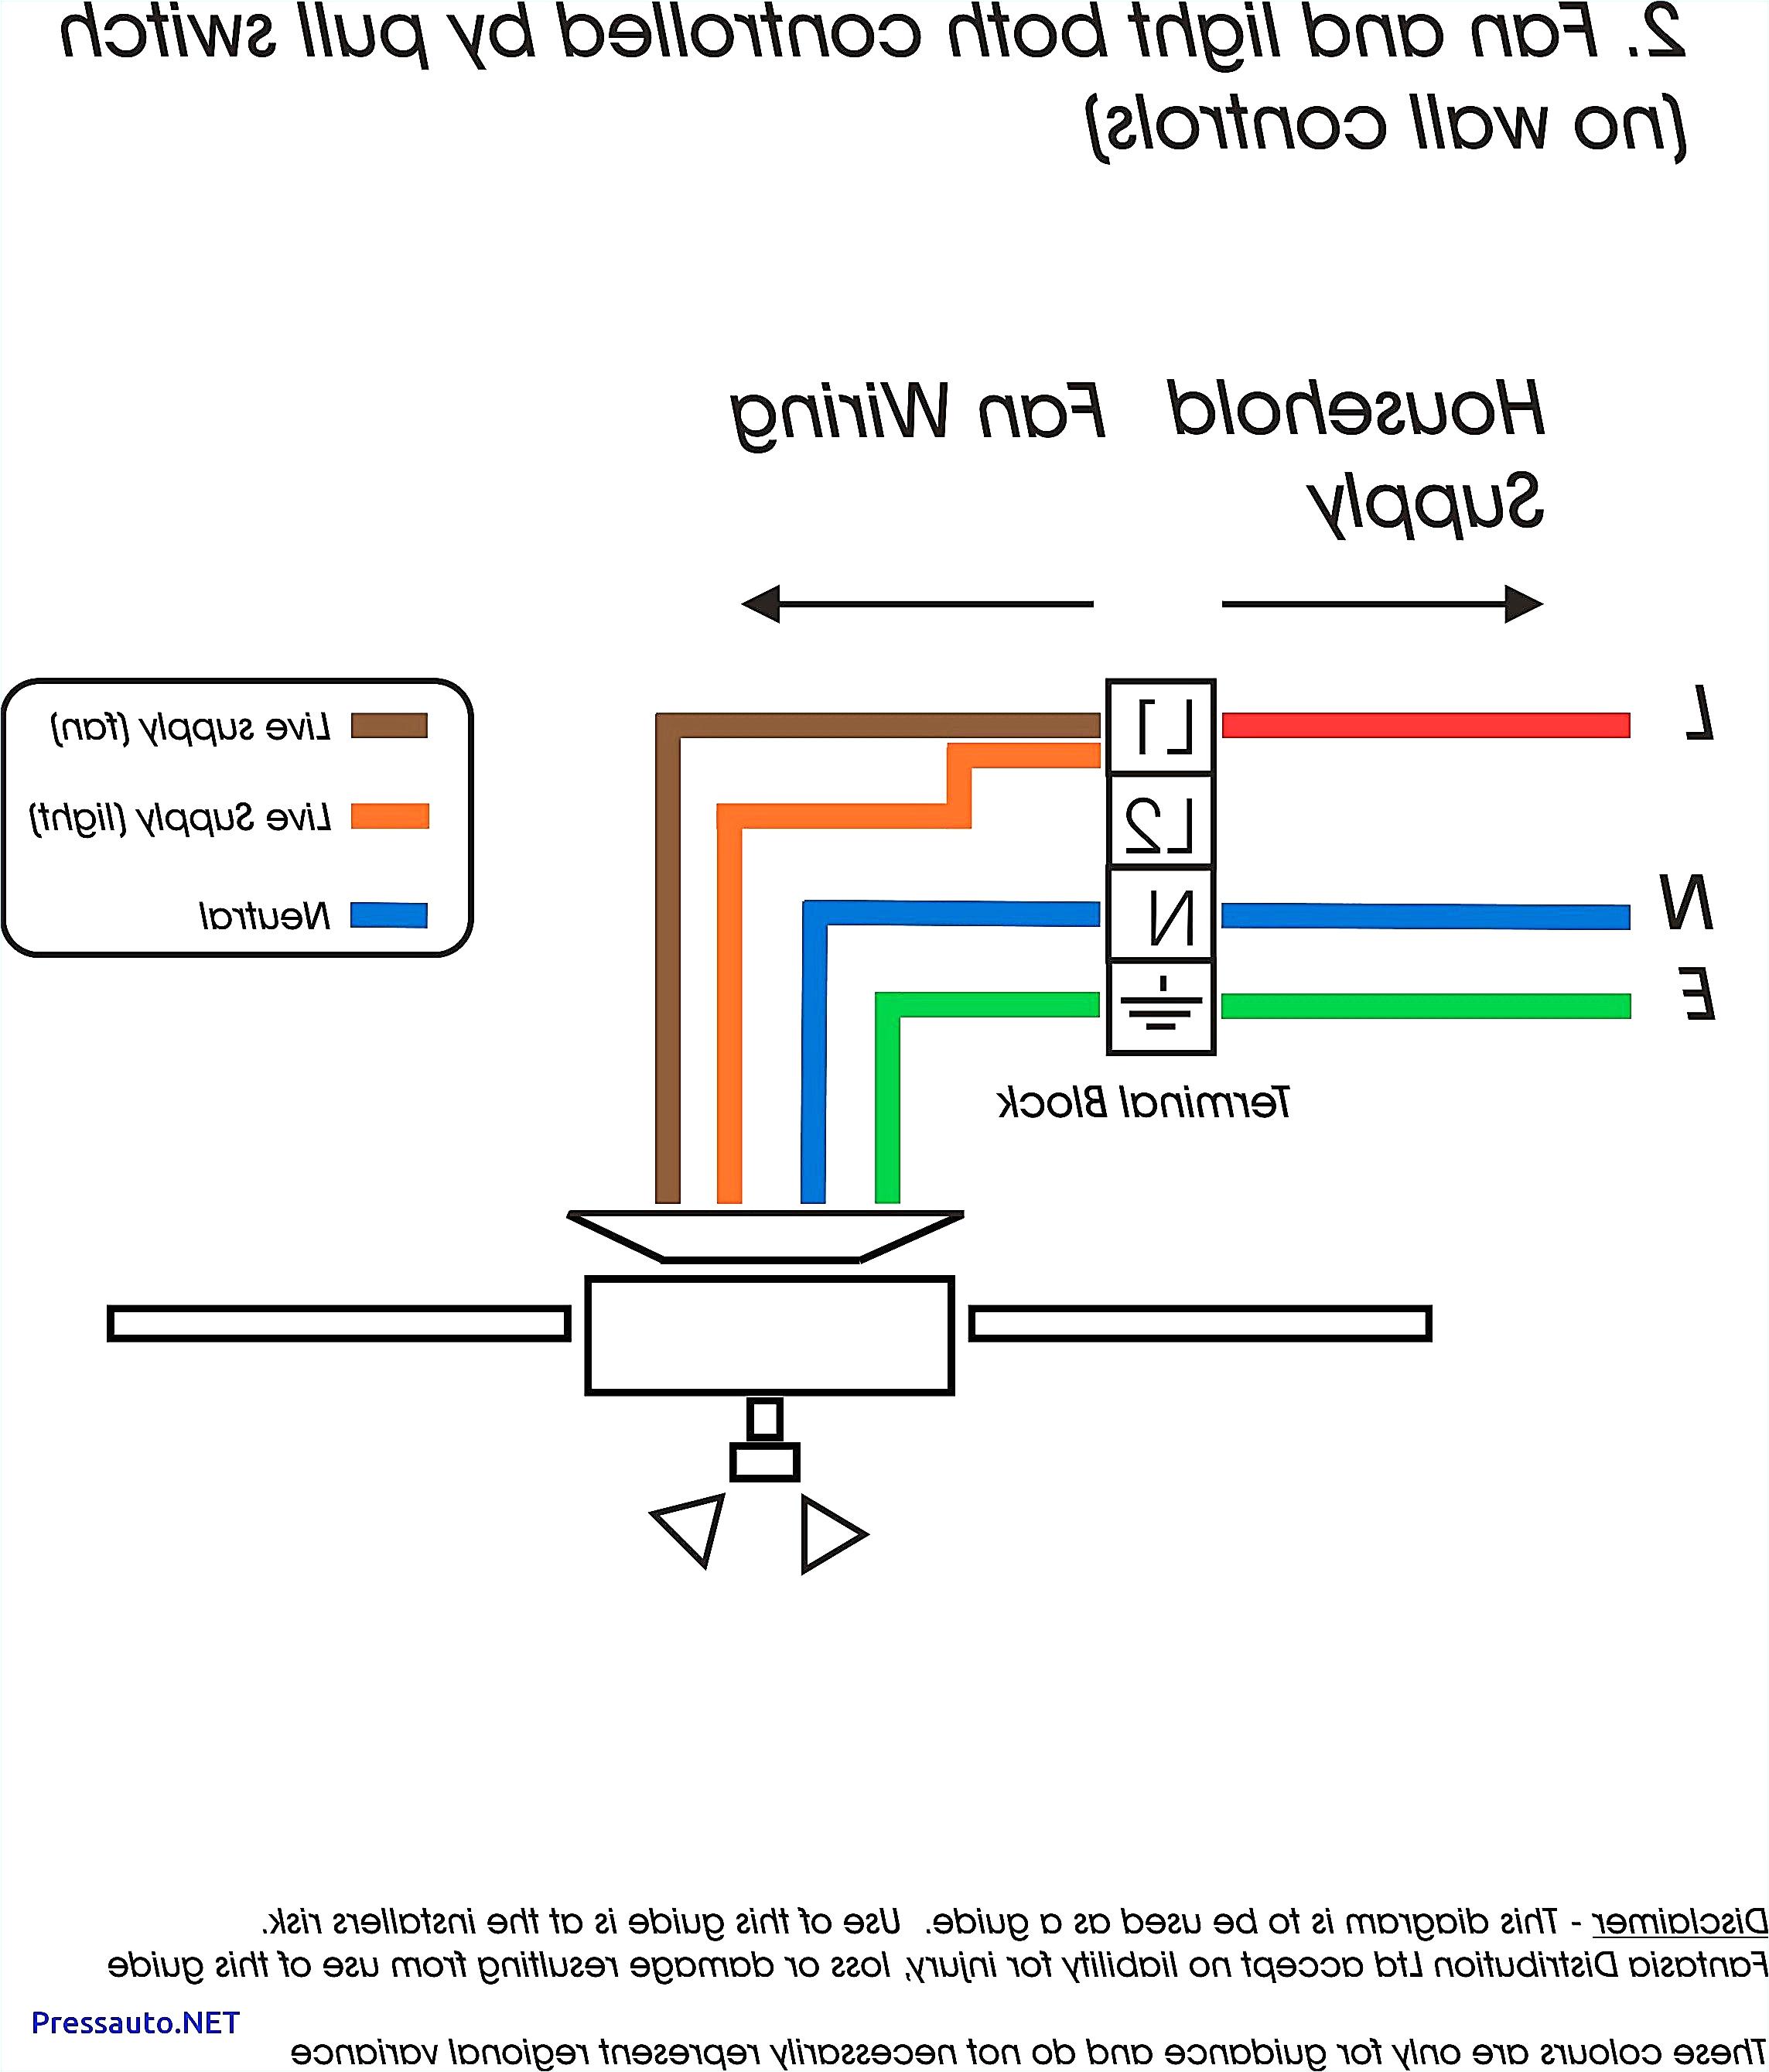 belkin cat 5 wiring diagram wiring diagram toolboxcat 5 phone wiring diagram wiring library belkin cat